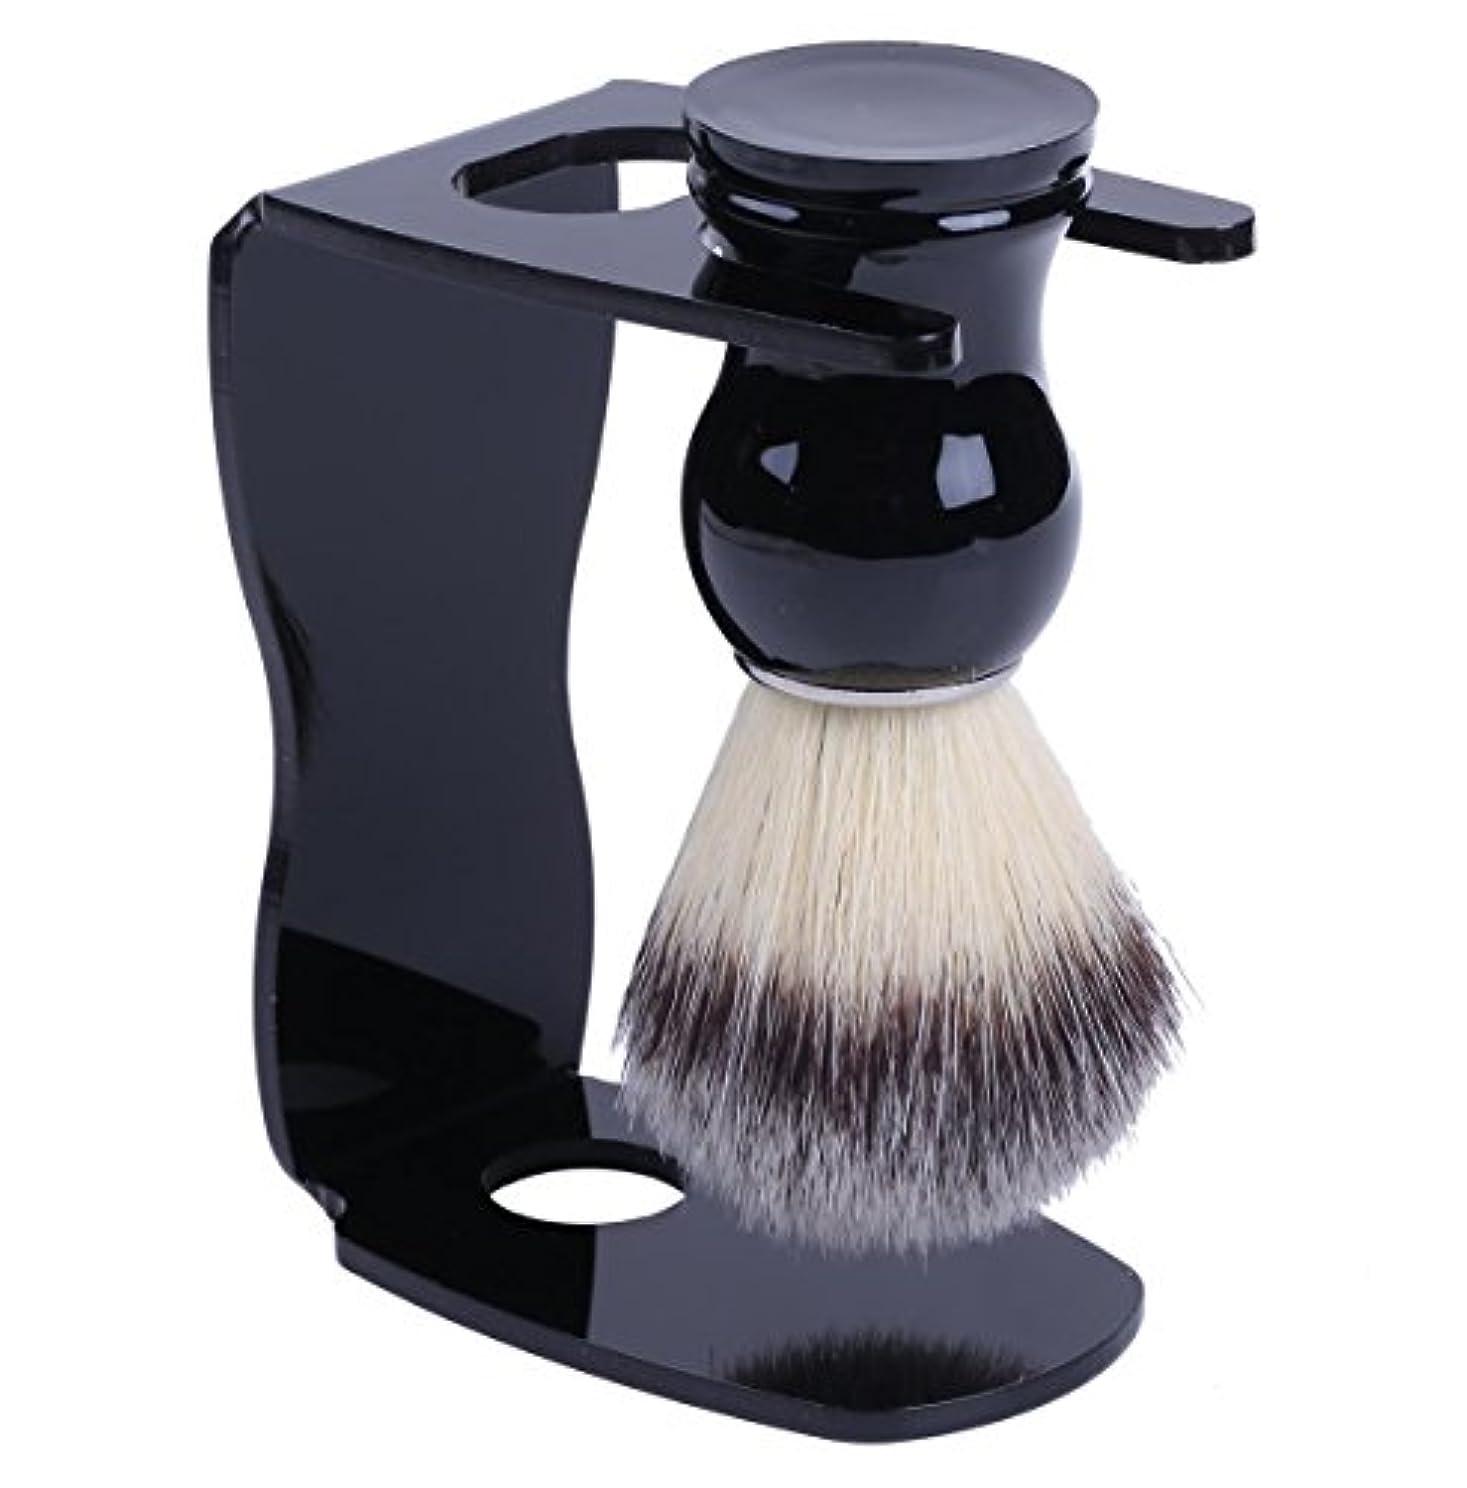 ブラストしわ普通に泡立ちが違う アナグマ 毛100% スタンド付き シェービング ブラシ /髭剃り 洗顔 理容 マッサージ 美容 効果